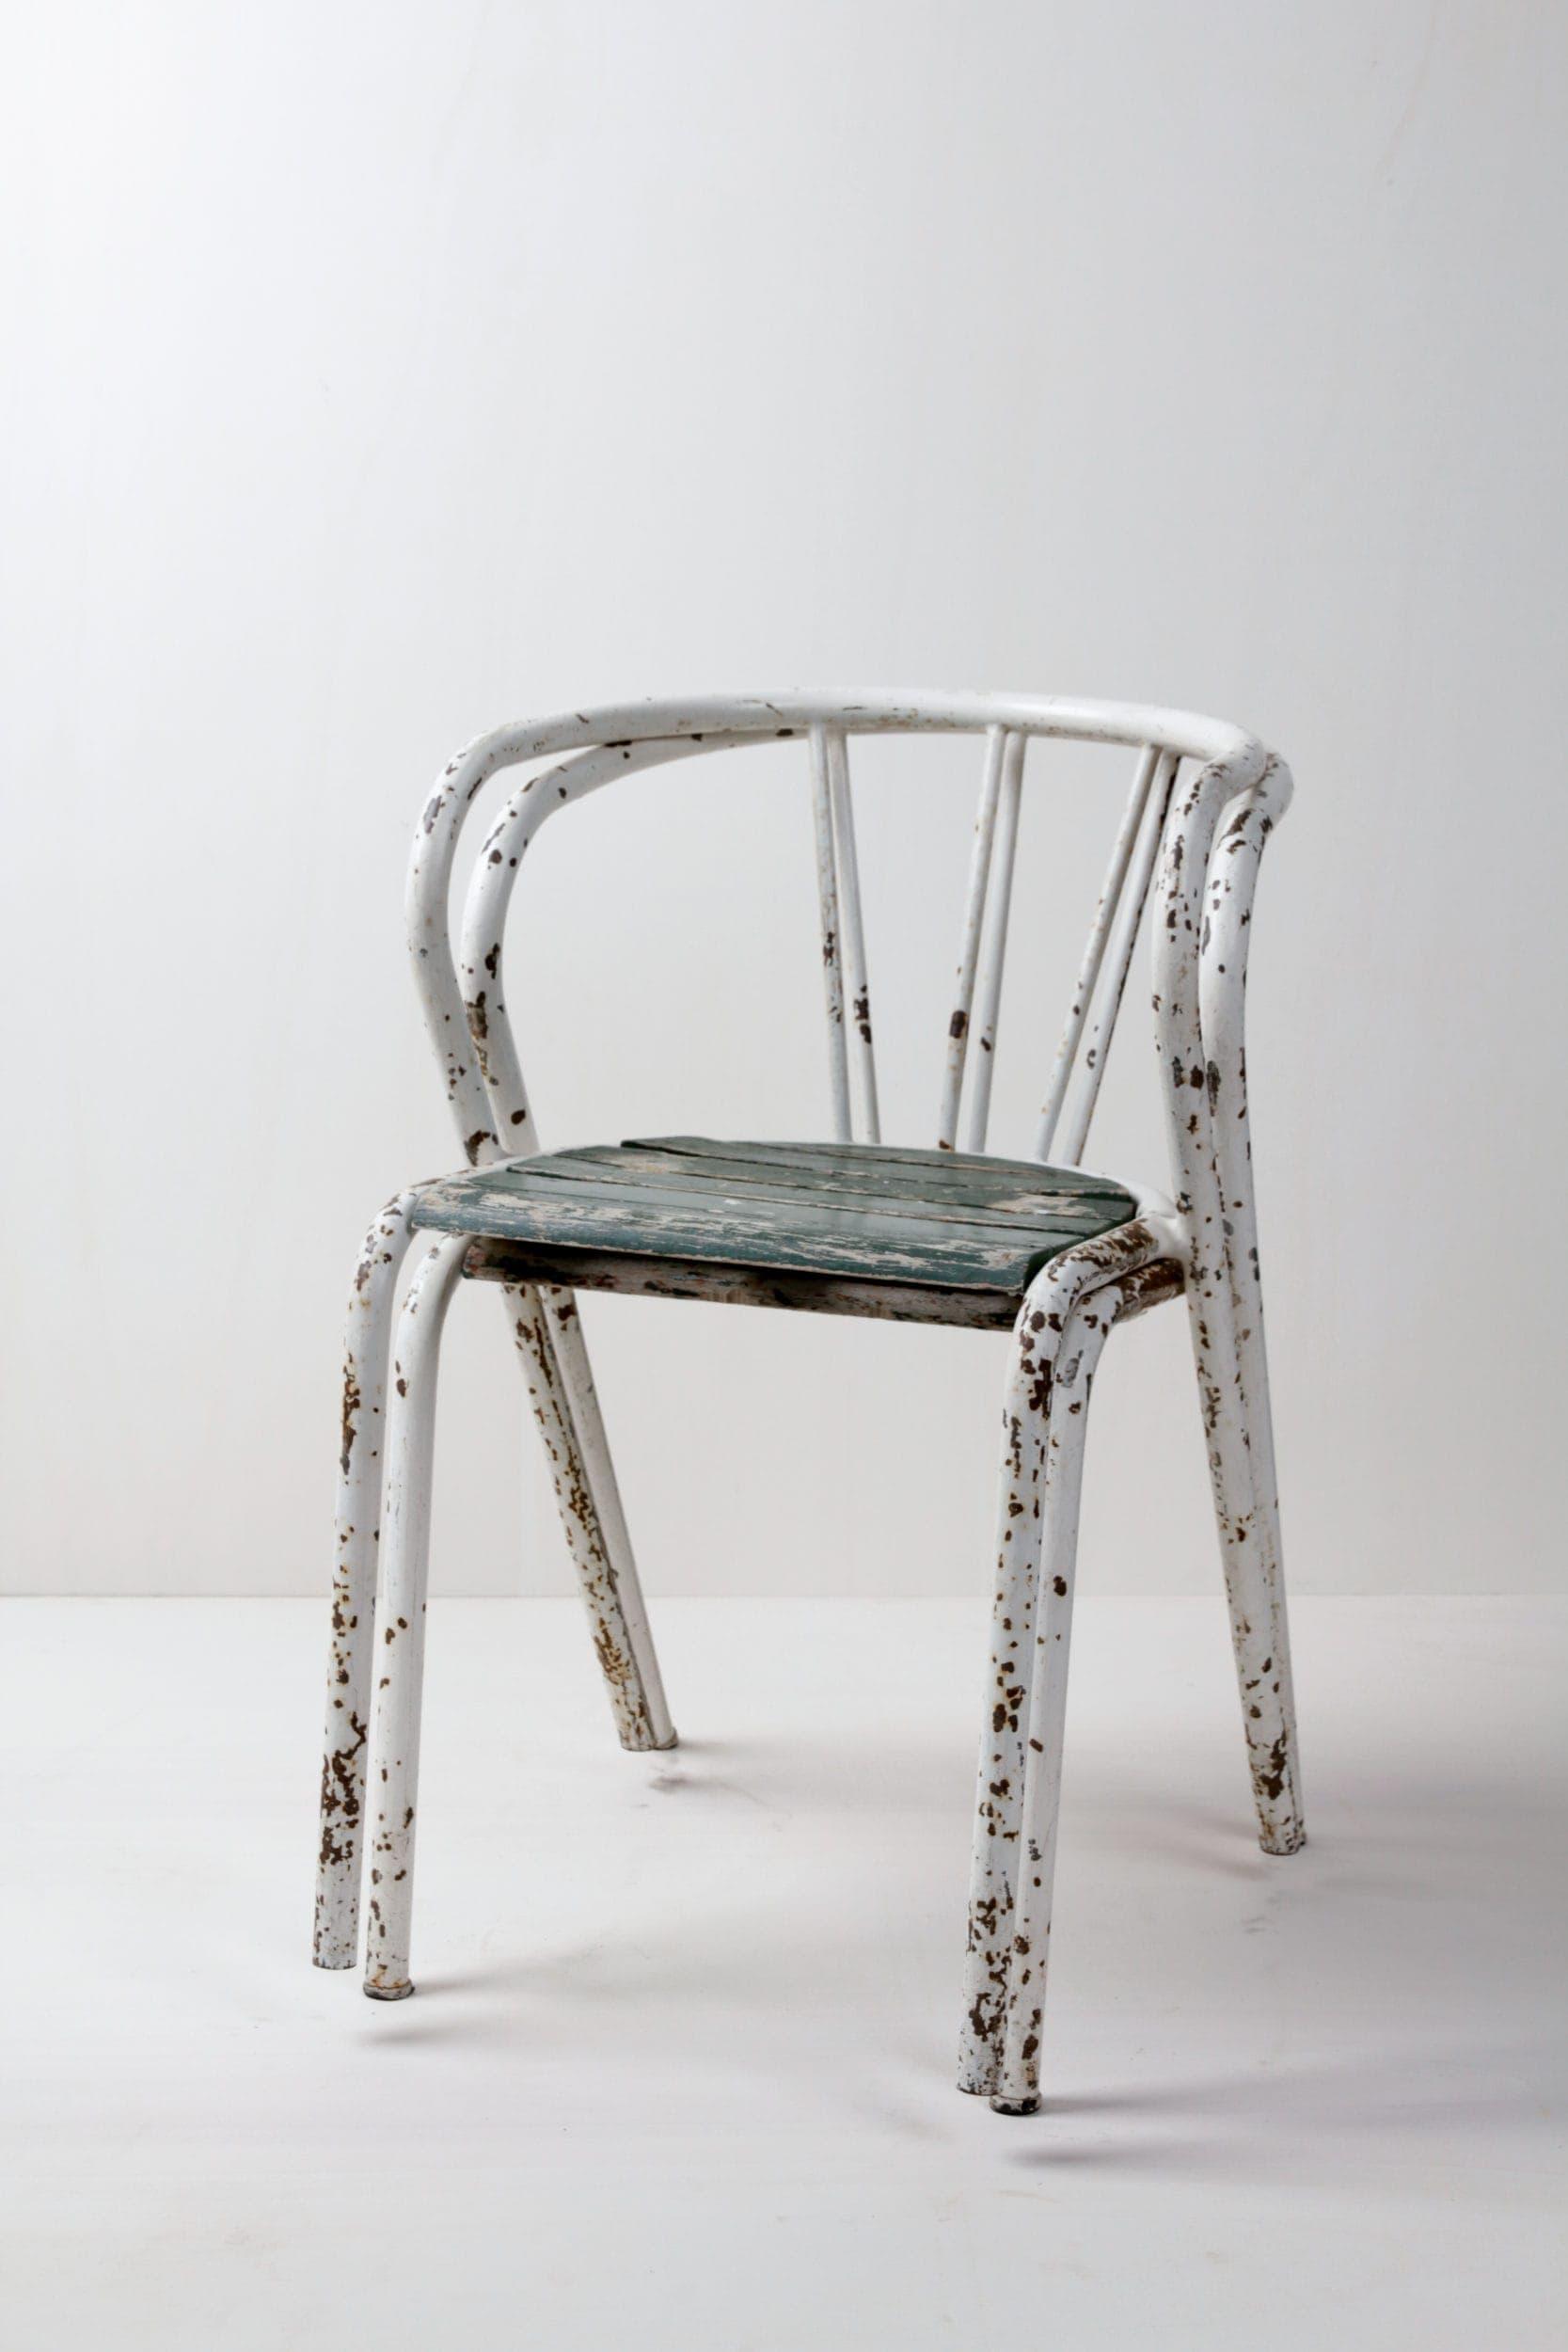 Vintage Stühle, Gartenstühle aus Metall, Holz zu mieten